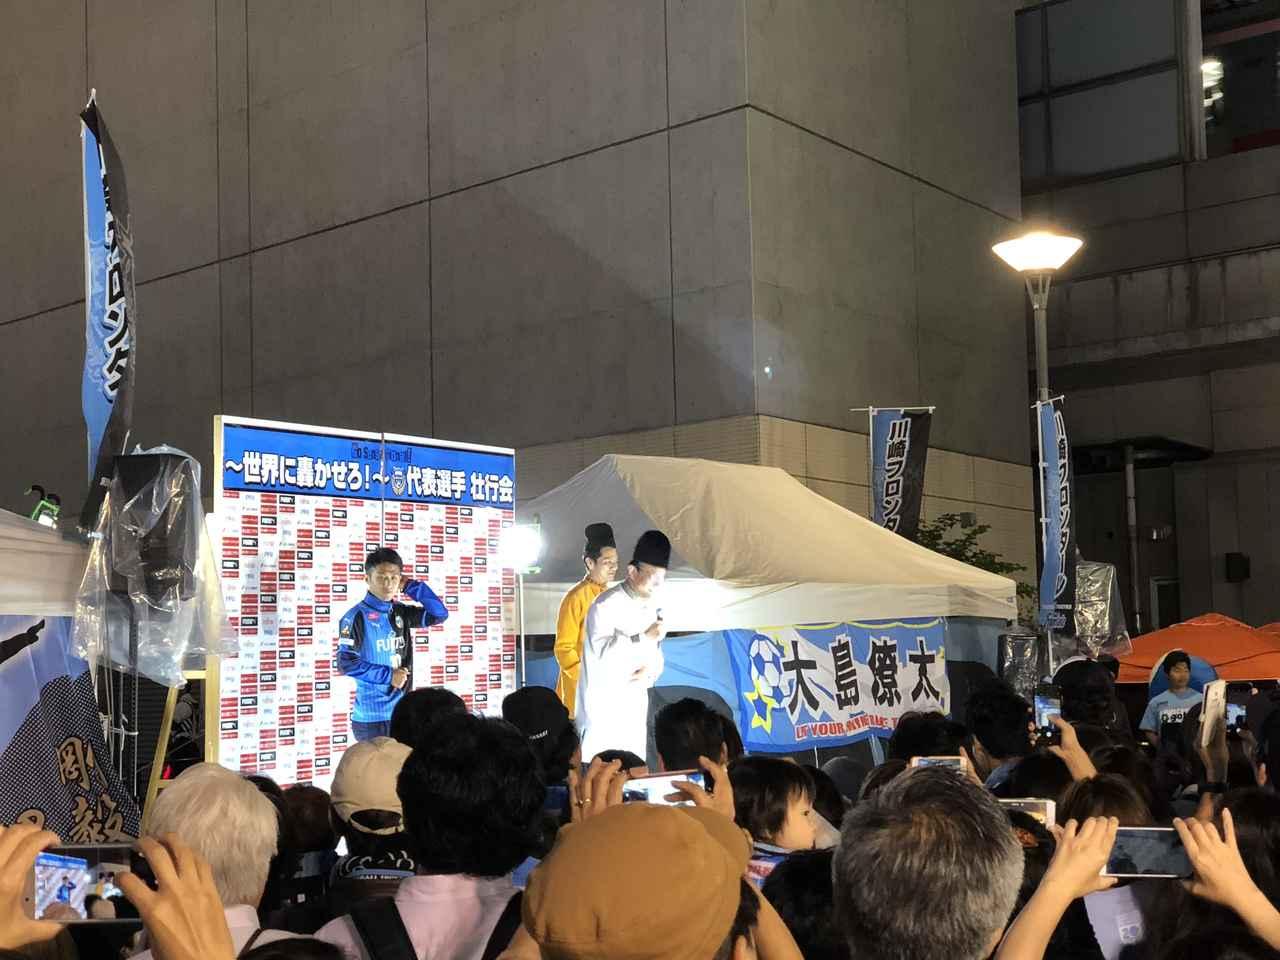 画像: 壮行会では武蔵小杉駅前に大勢のファン・サポーターが集まった